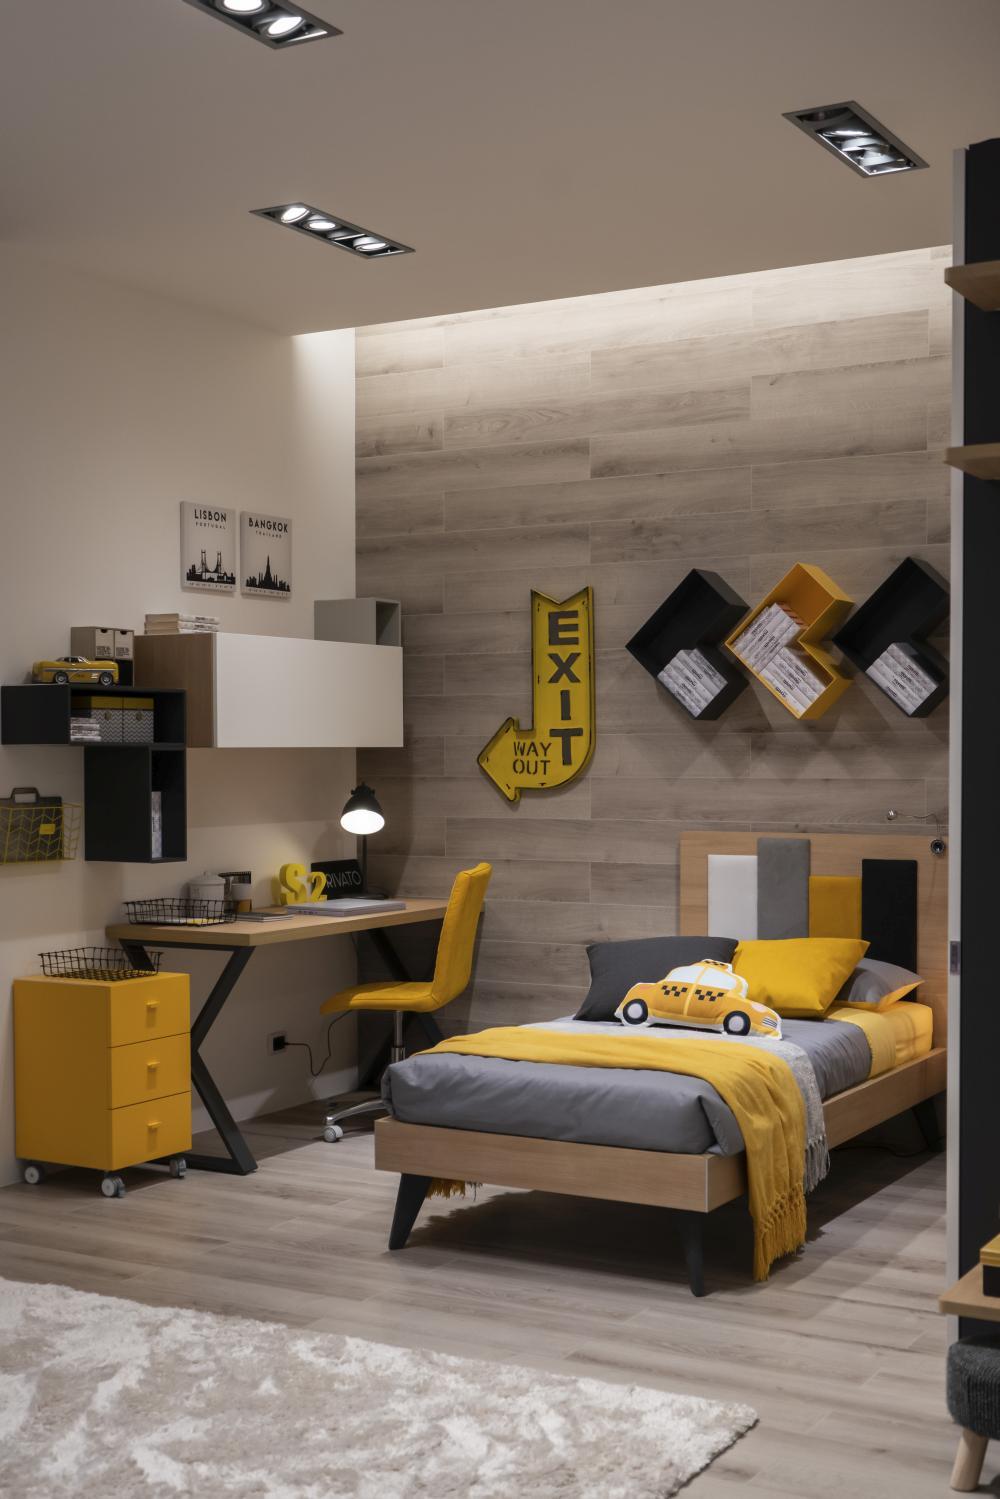 Cozy Teenage Room Decor Ideas To Please Any Teen on Cozy Teenage Room Decor  id=83834